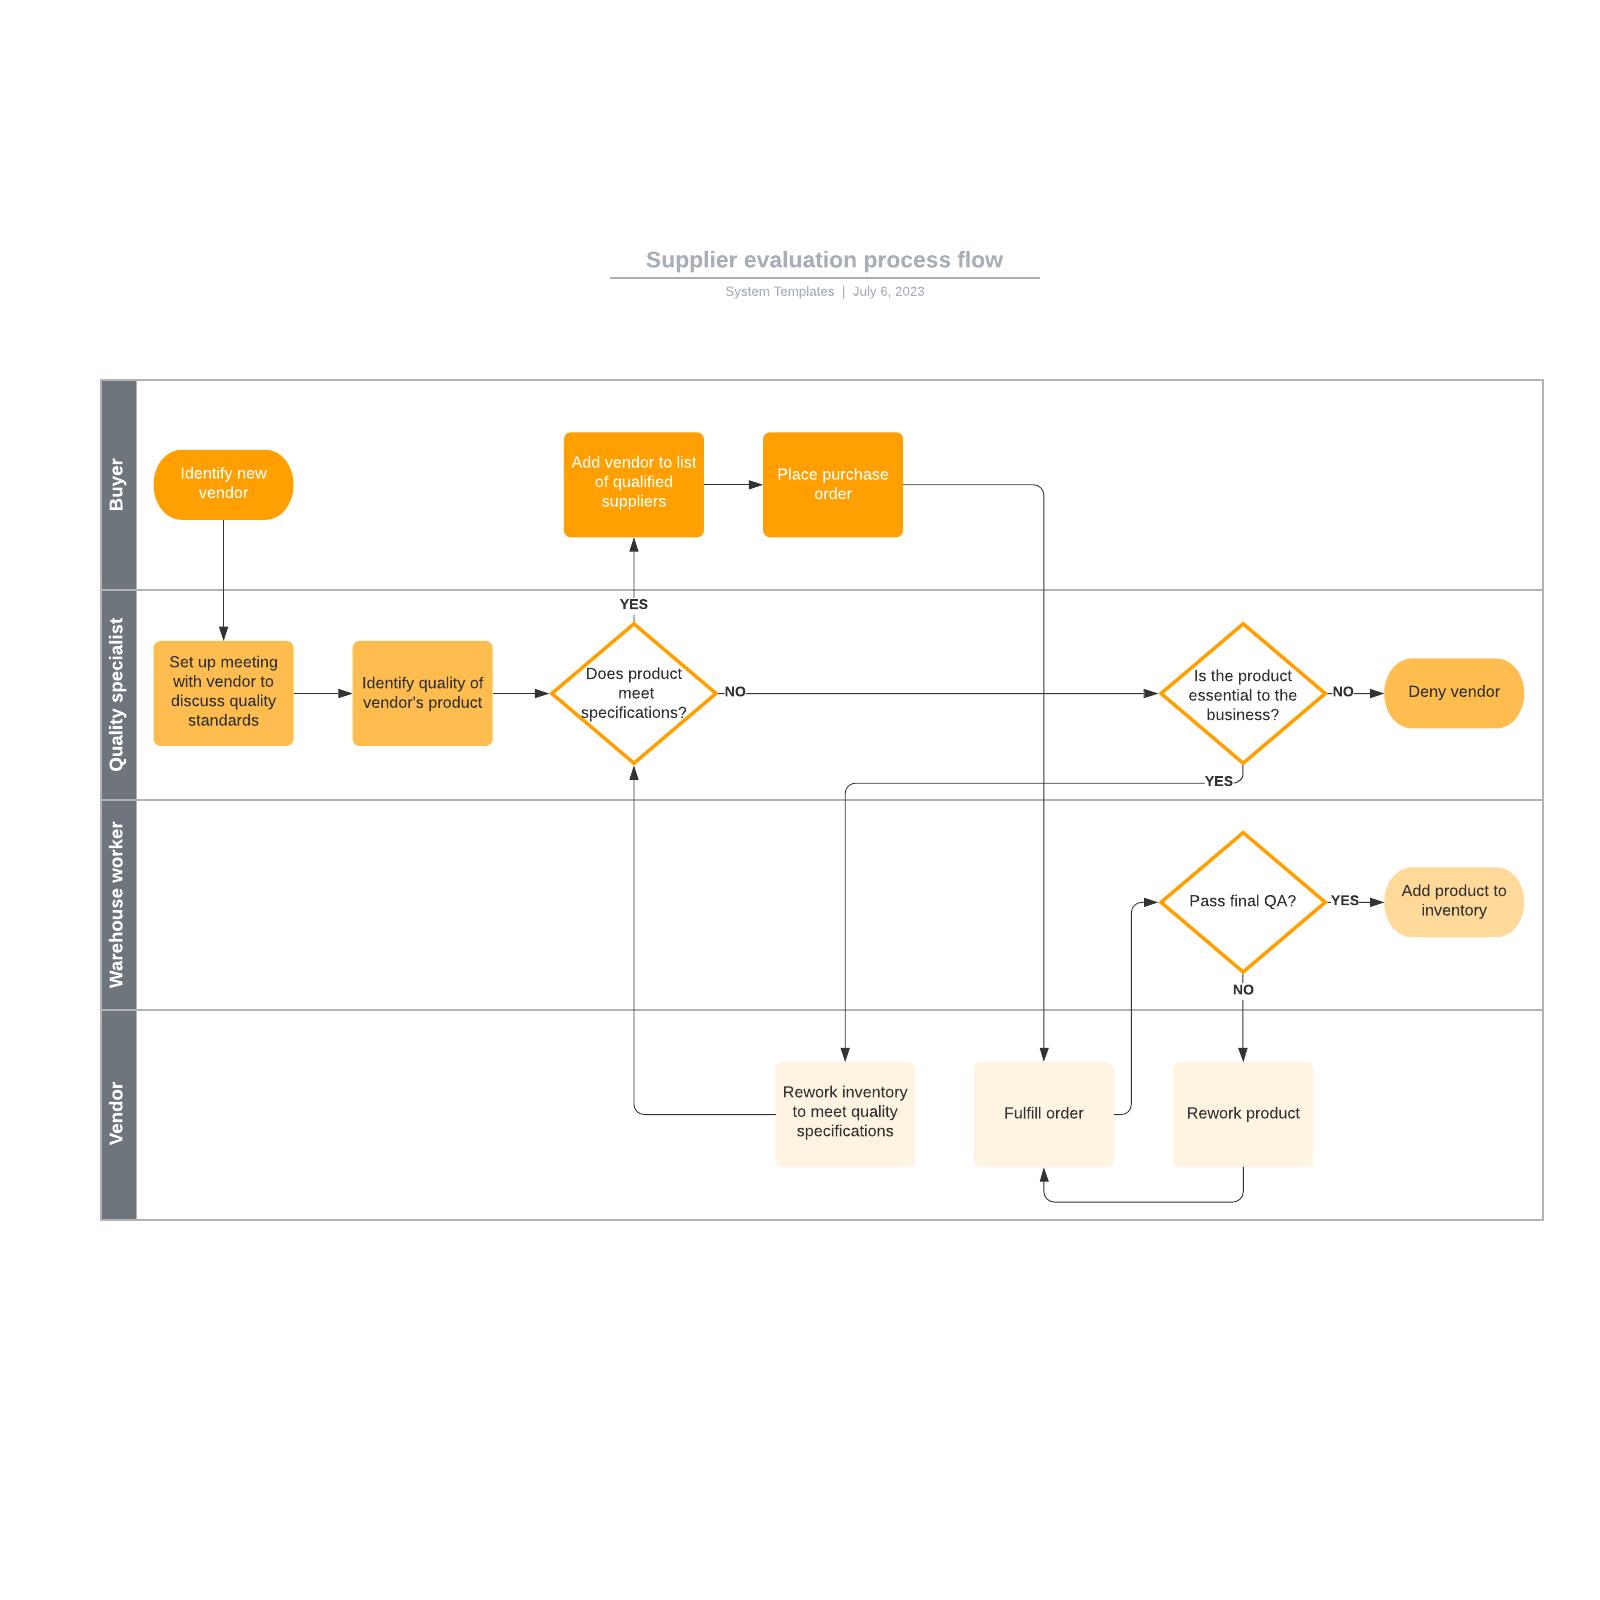 Supplier evaluation process flow